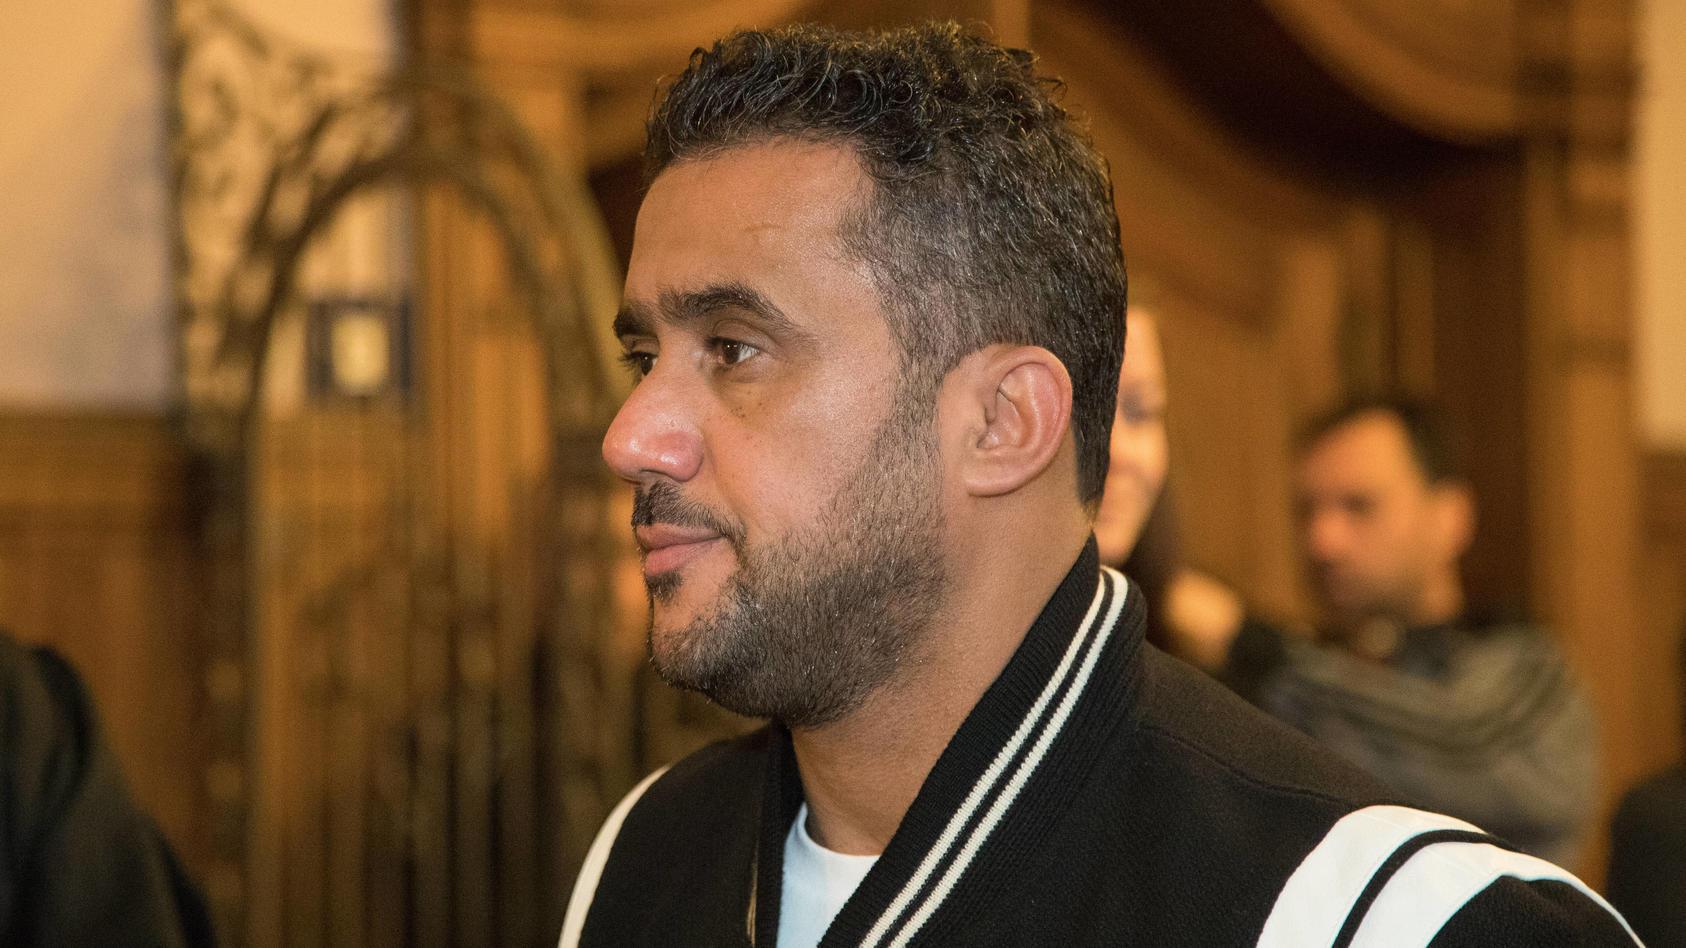 Der Angeklagte Arafat Abou Chaker